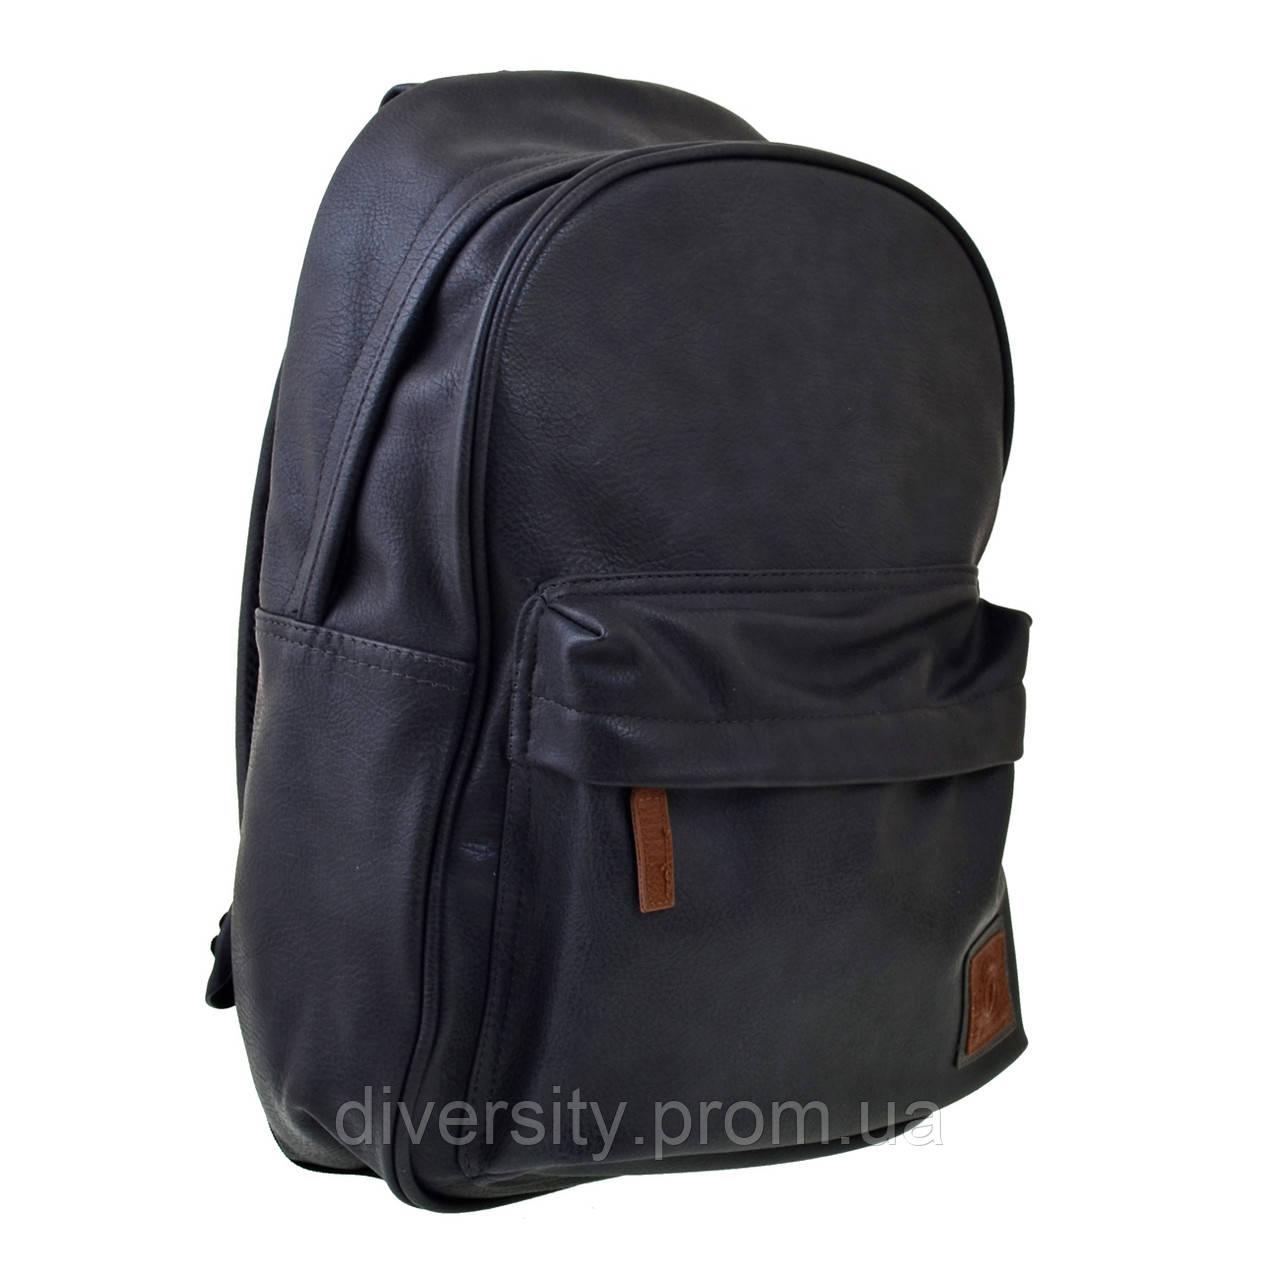 Молодежный рюкзак YES  ST-16 Infinity deep black, 42*31*13